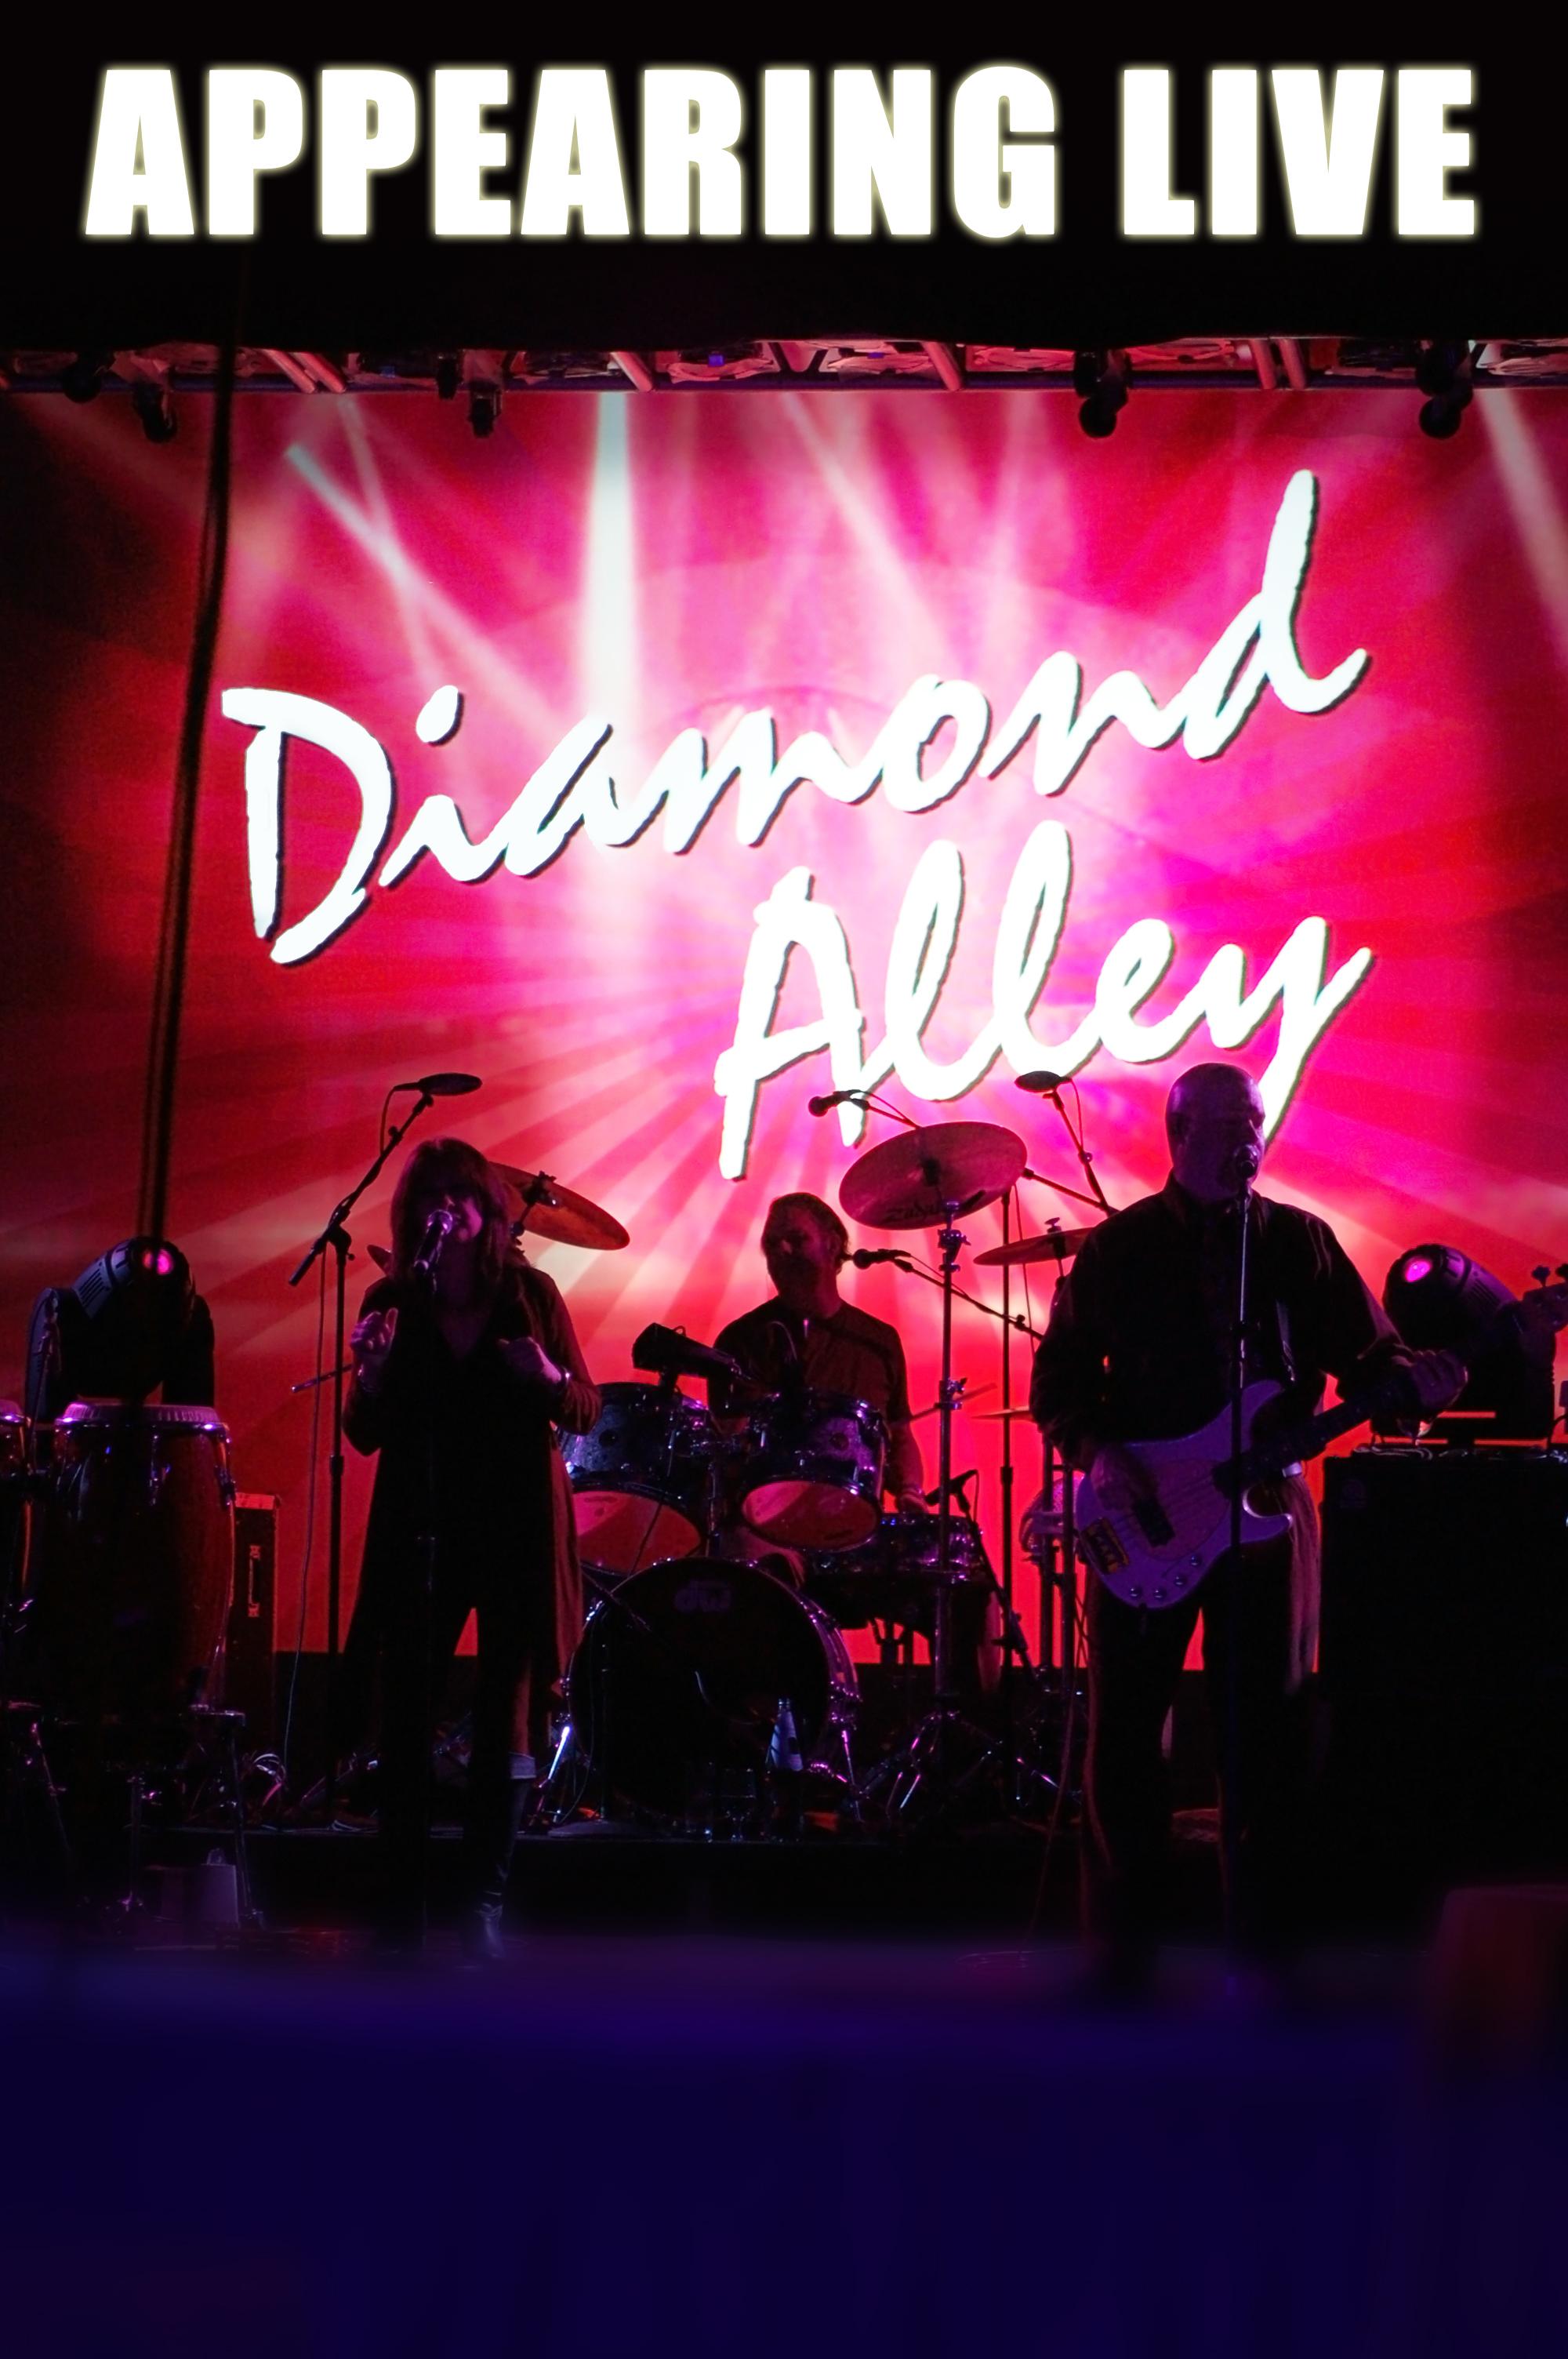 Diamond Alley 11 x 17 Promo Poster